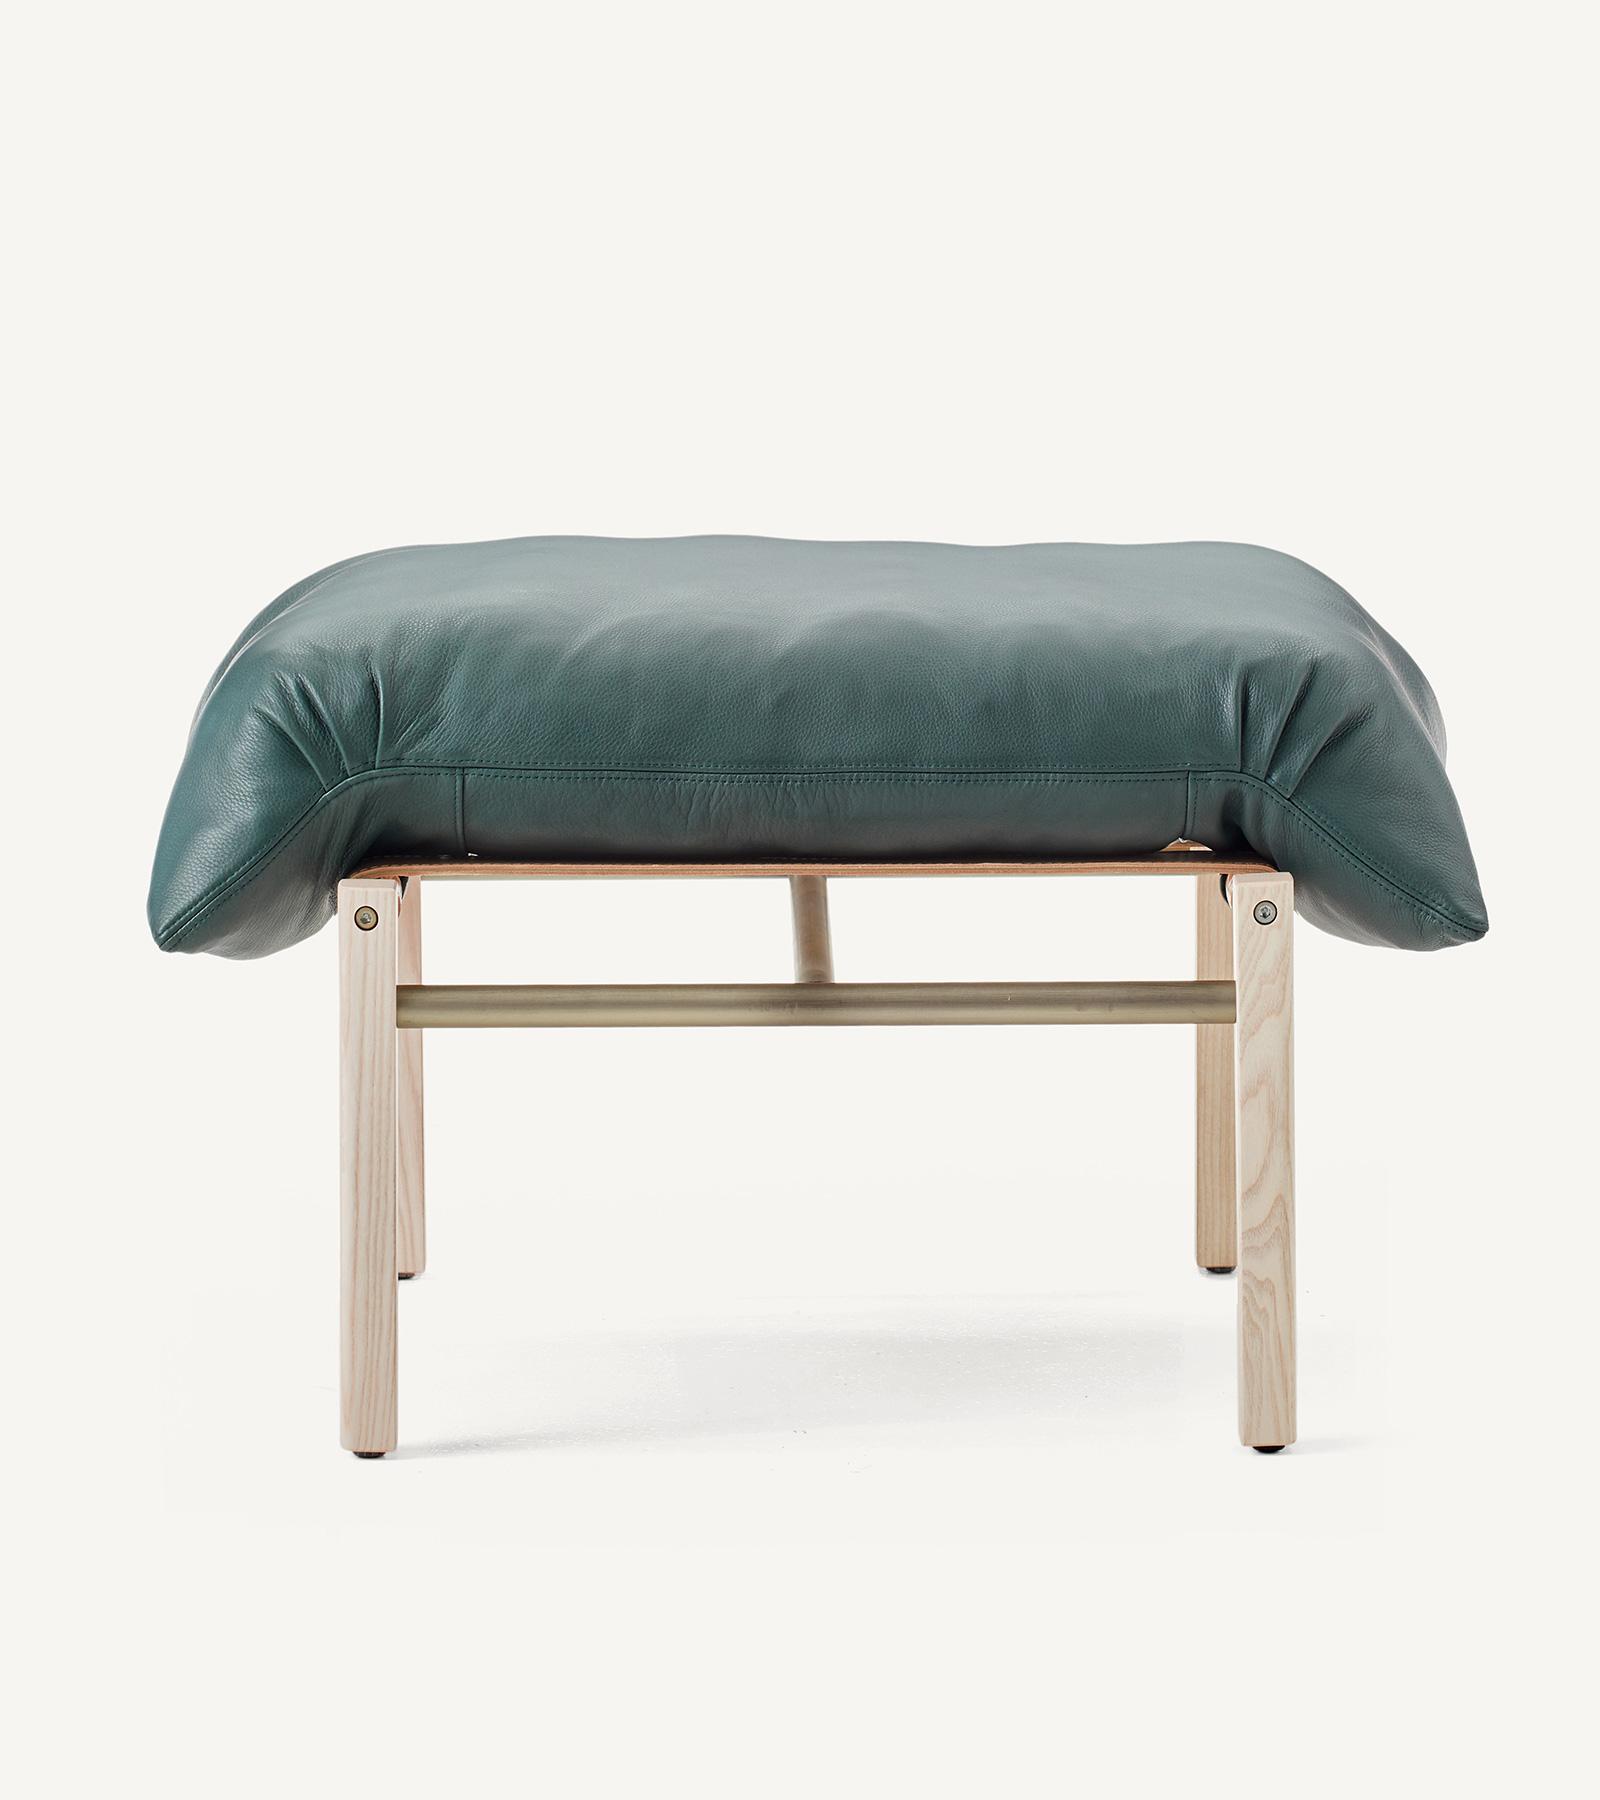 TinnappleMetz-bassamfellows-Sling-Club-Chair-11